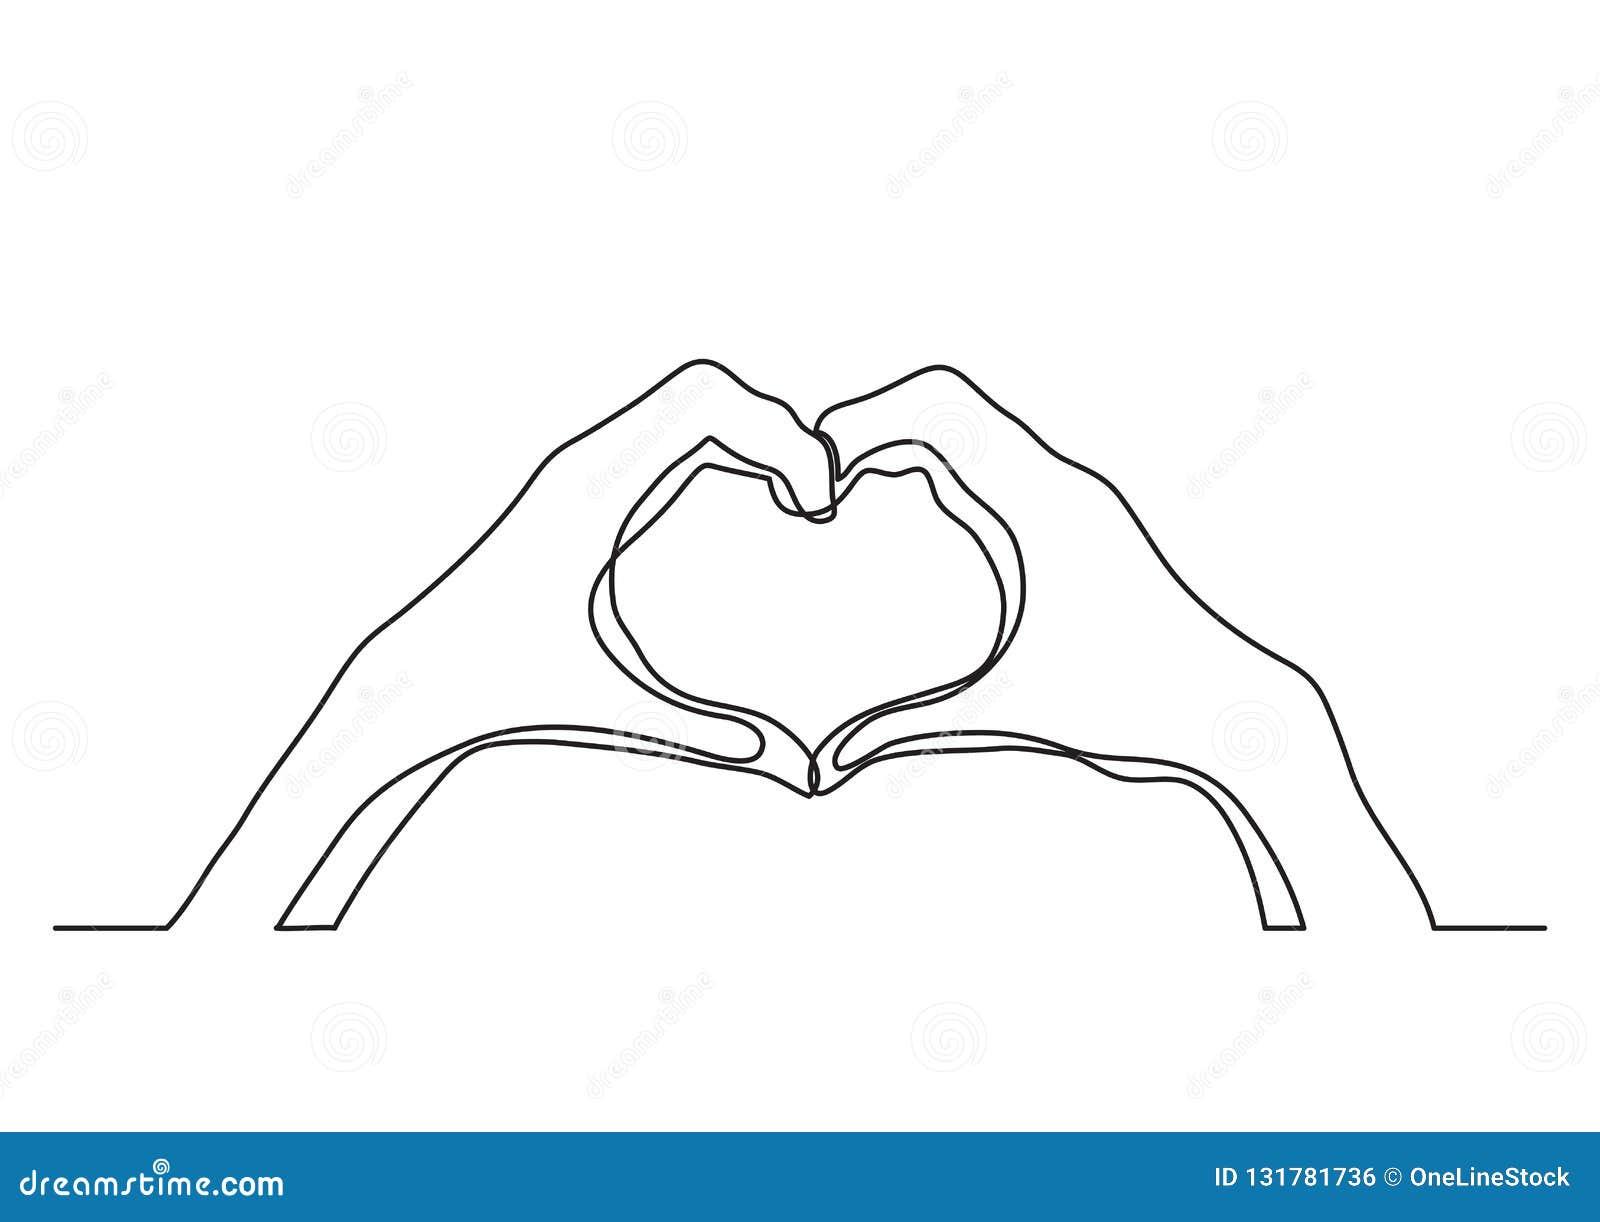 Непрерывная линия чертеж рук показывая знак любов